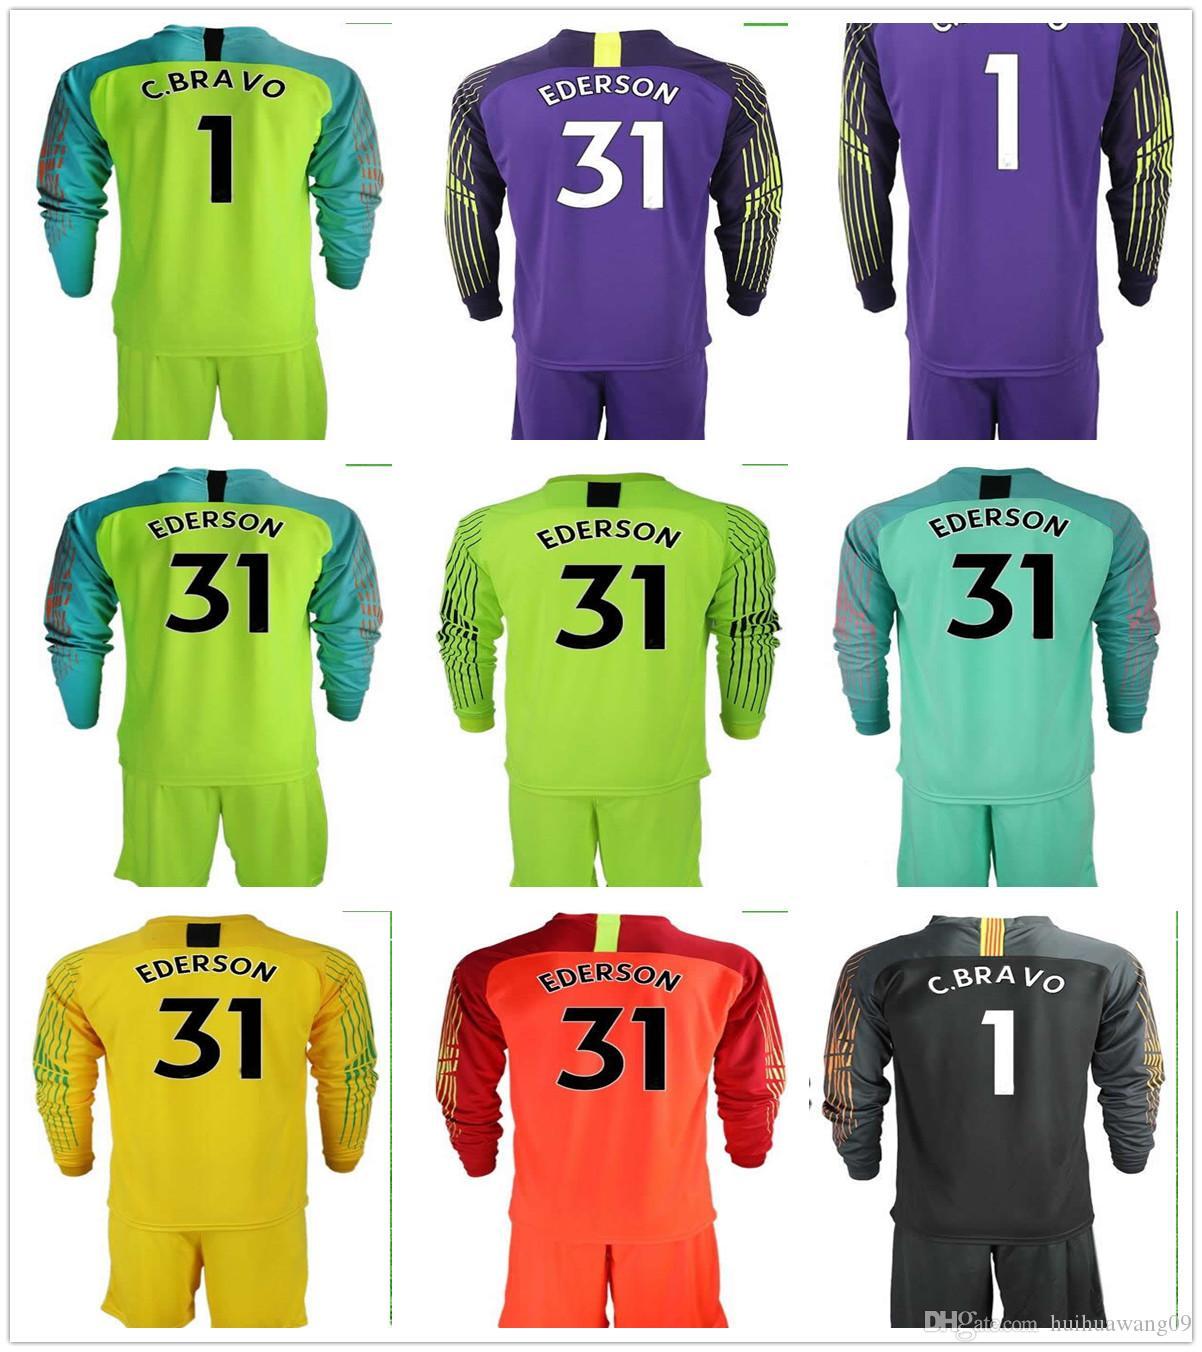 b872ca0cac290 Compre 2018 2019 Camisas De Futebol De Manga Longa Cidade Azul Da Lua  Cláudio Bravo Jaqueta De Goleiro # 1 C. Bravo # 31 Ederson Uniformes  Adultos Conjuntos ...